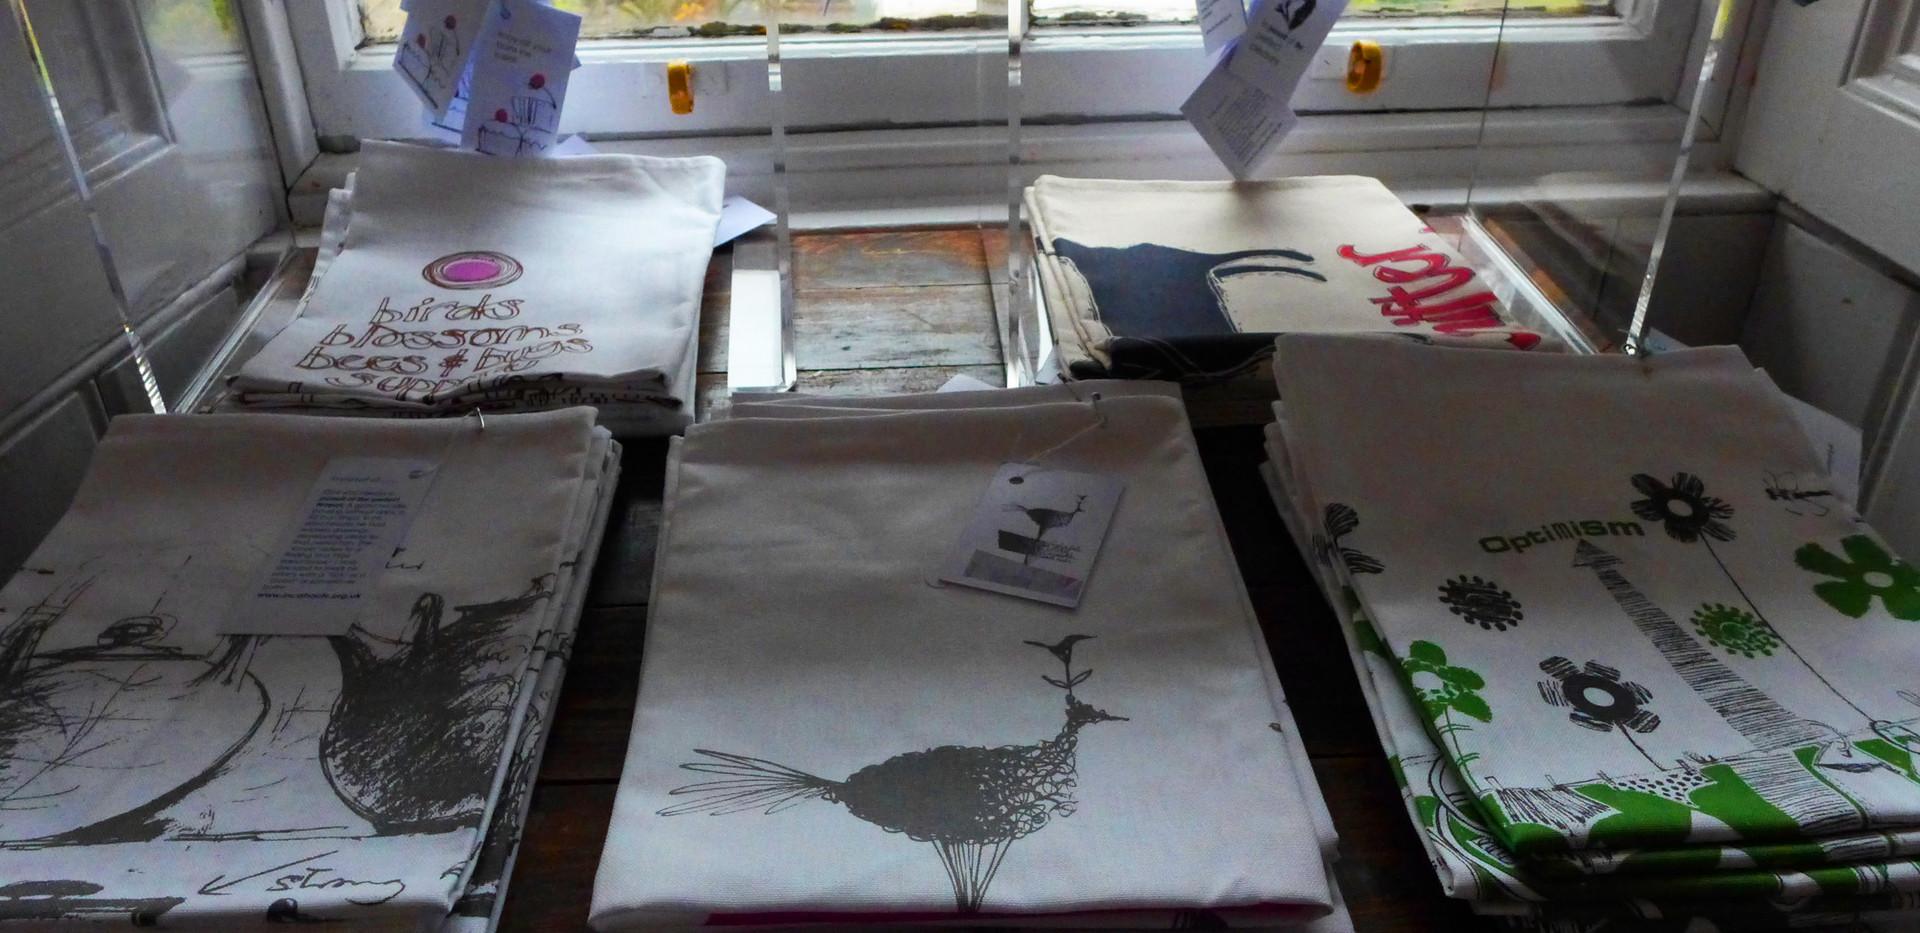 Tea towels on display